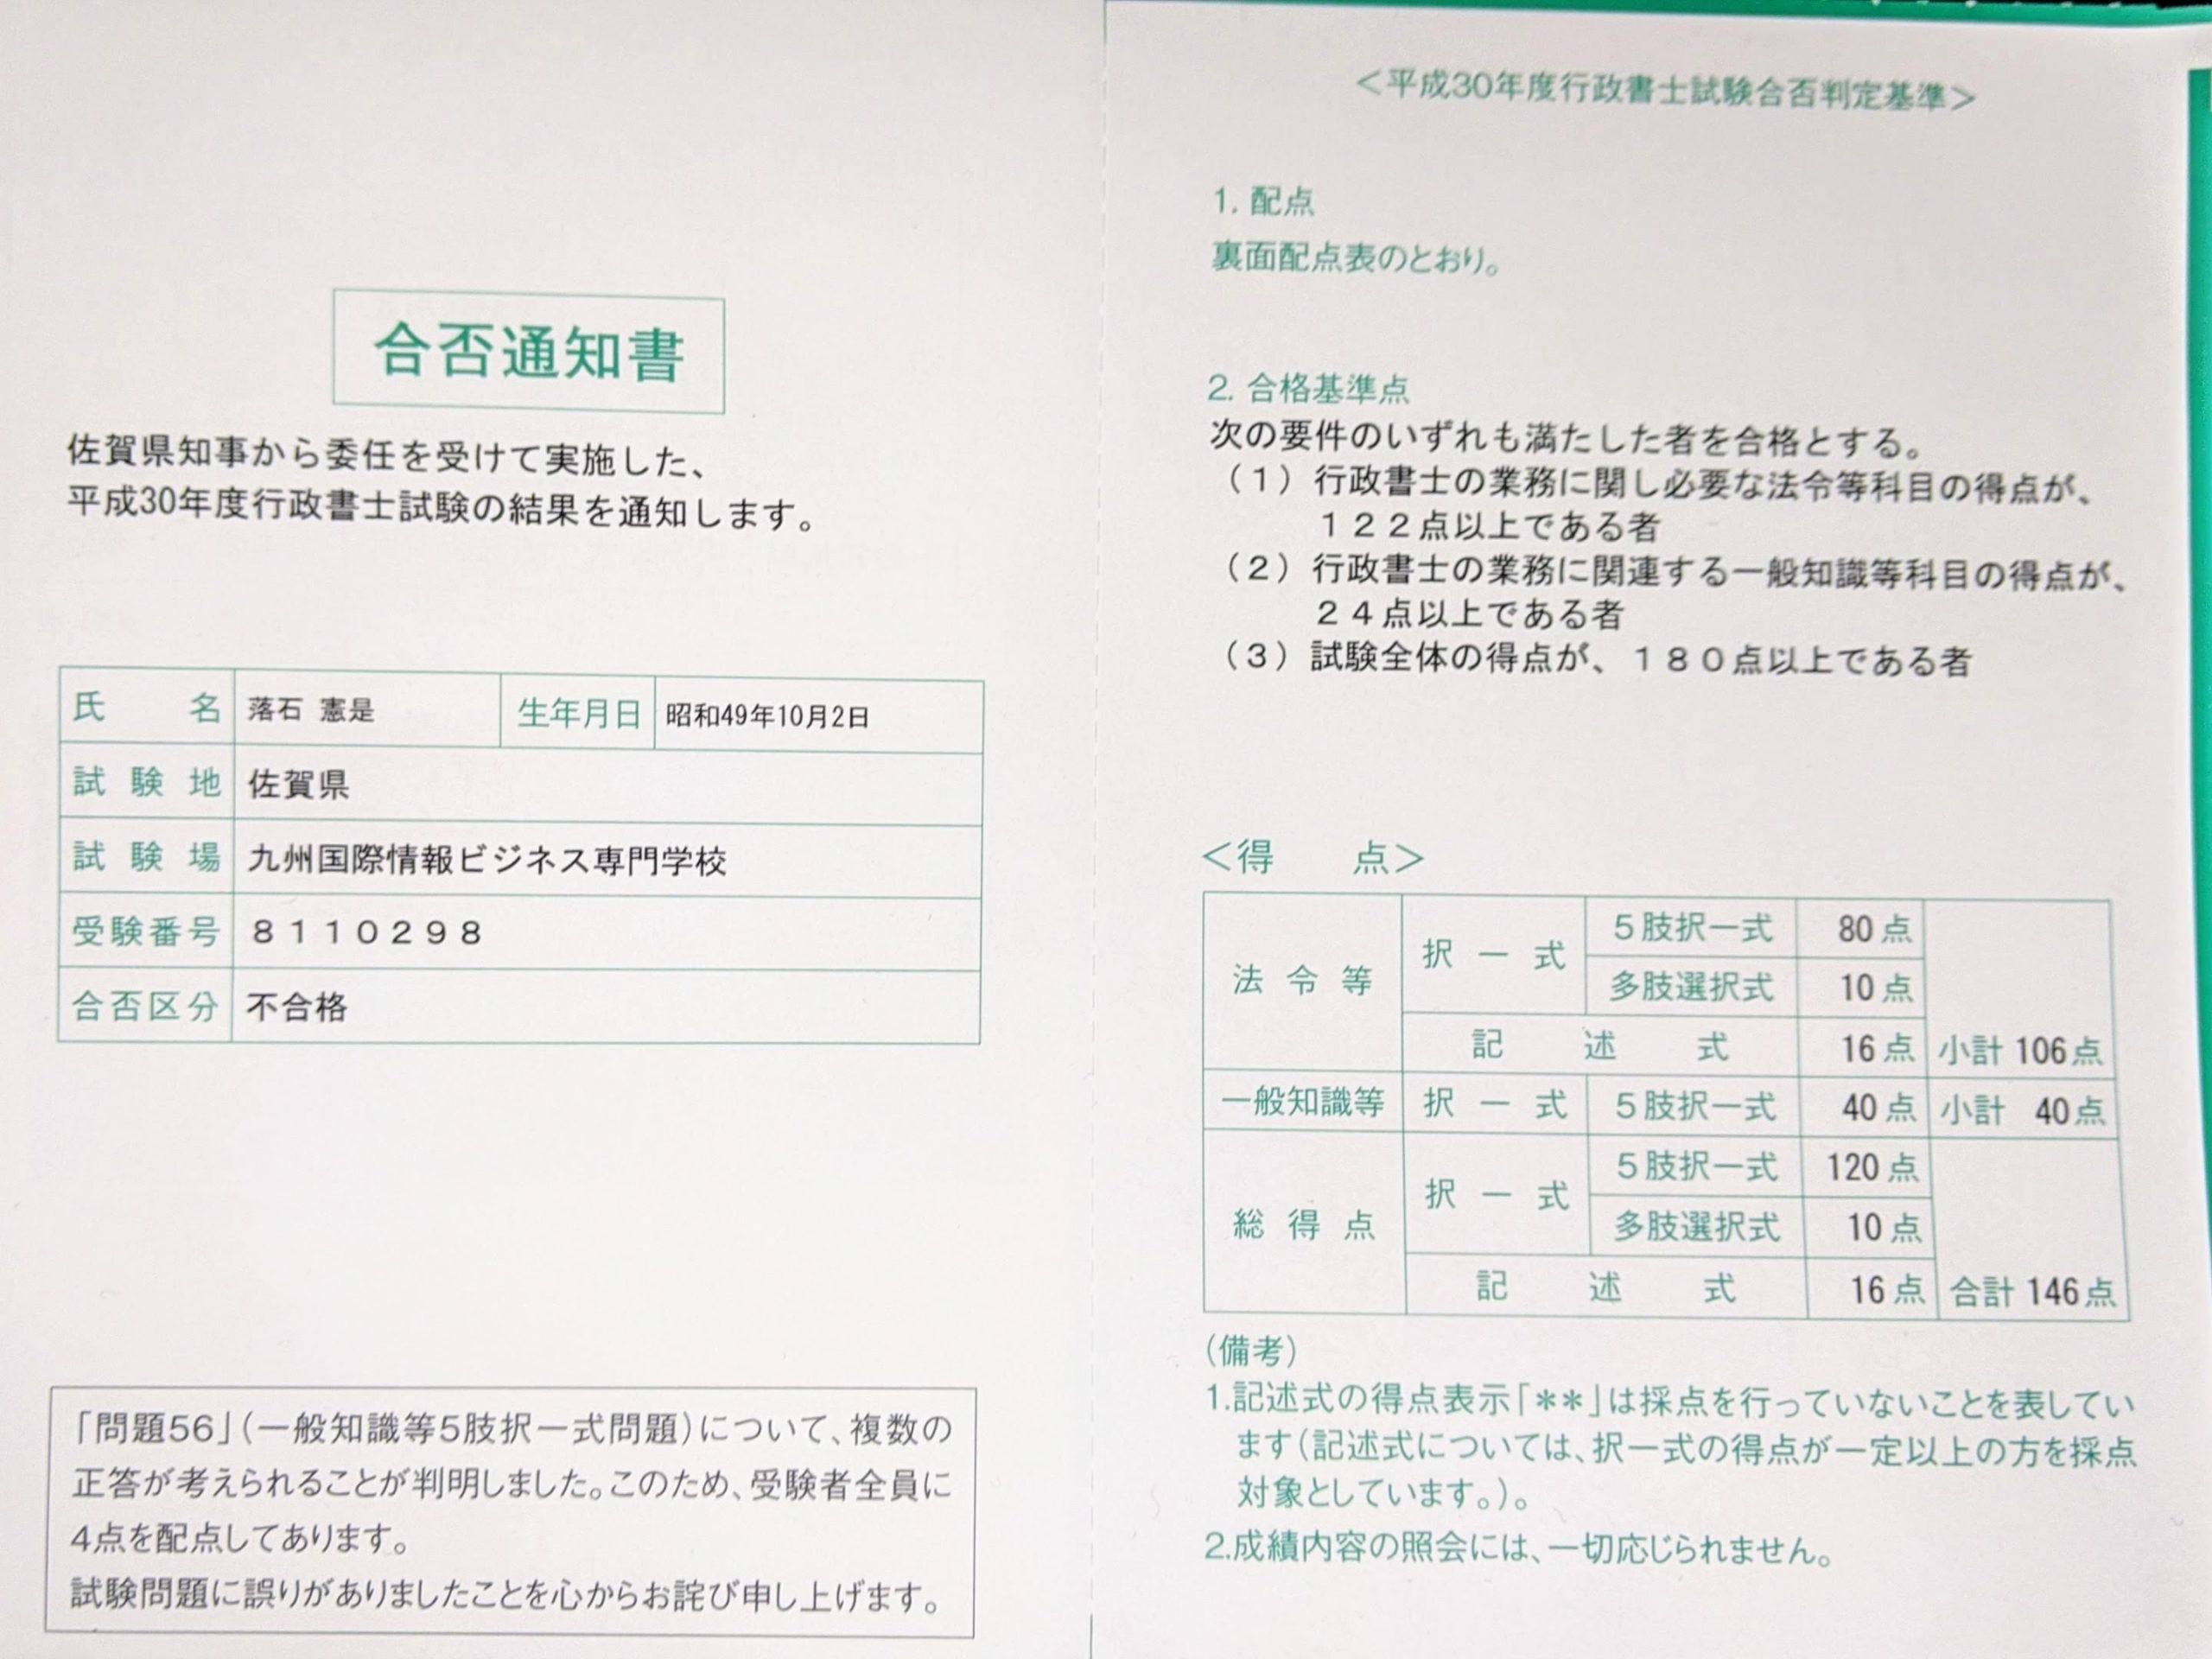 行政 書士 試験